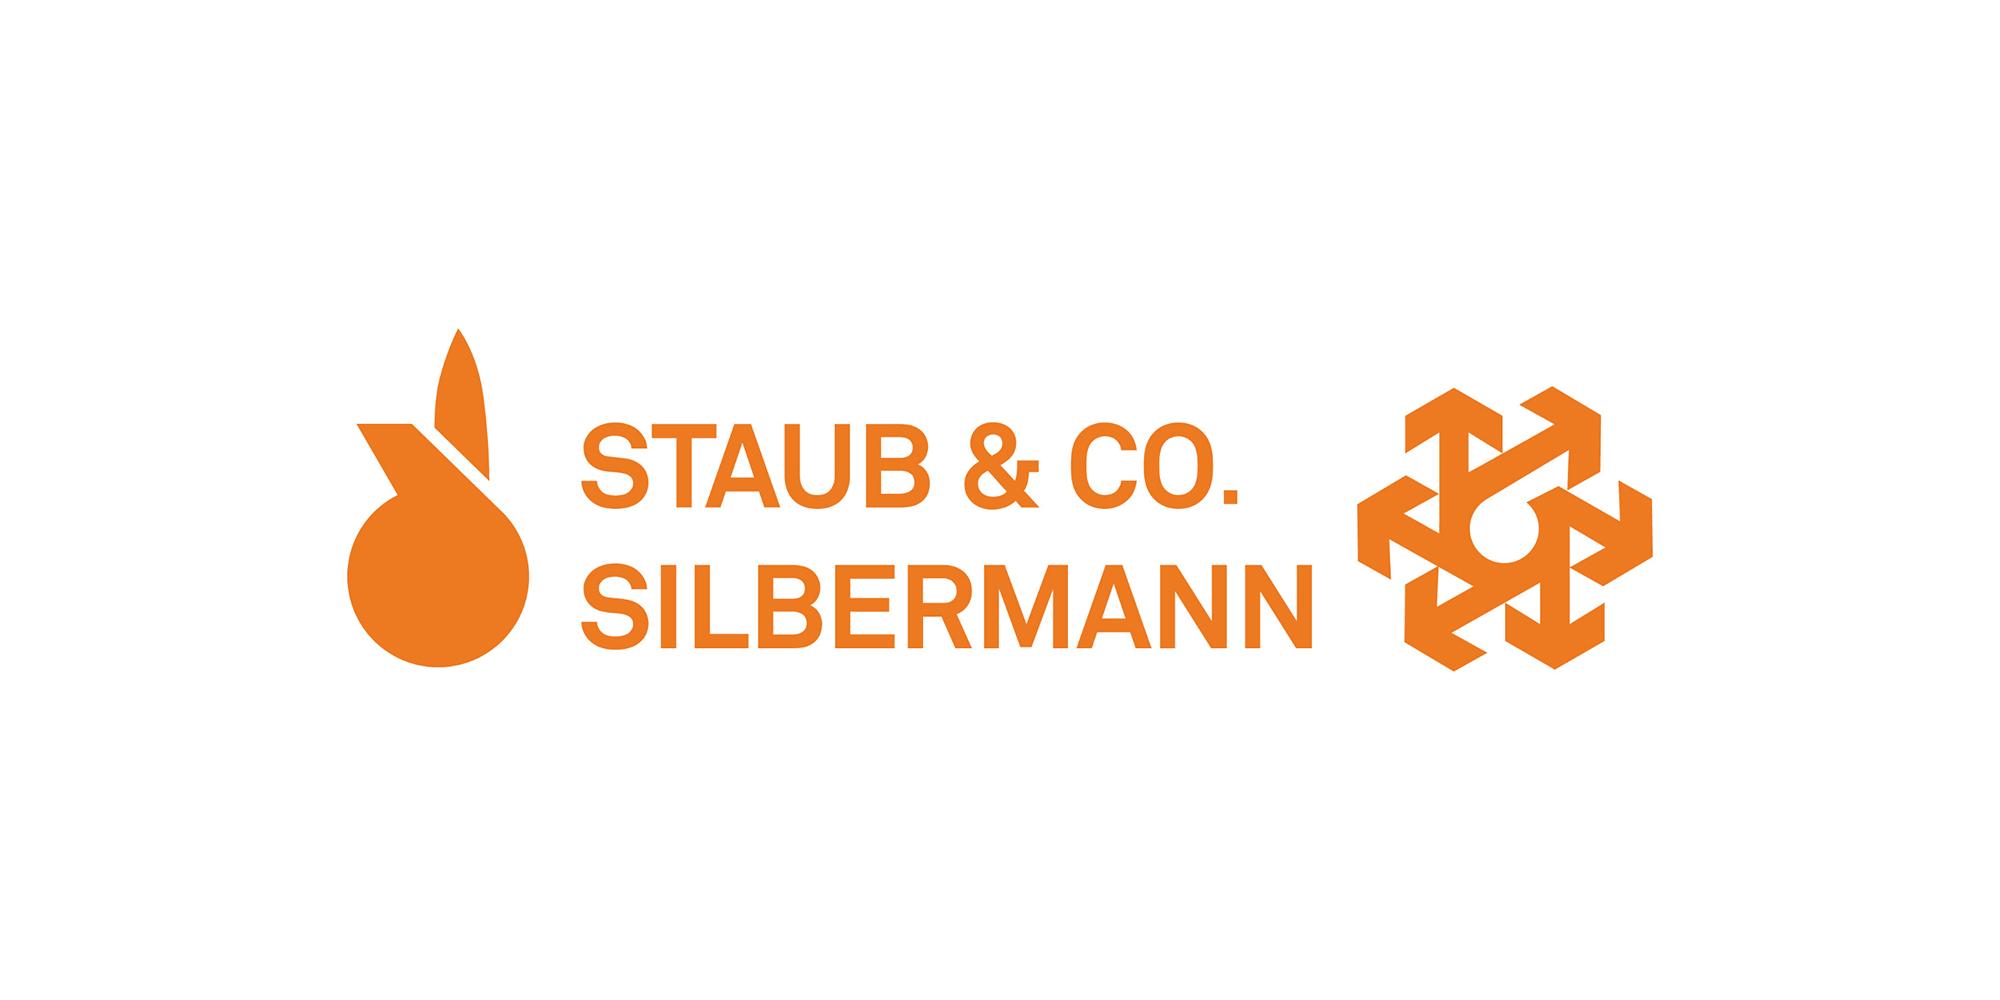 staub_silbermann_logo